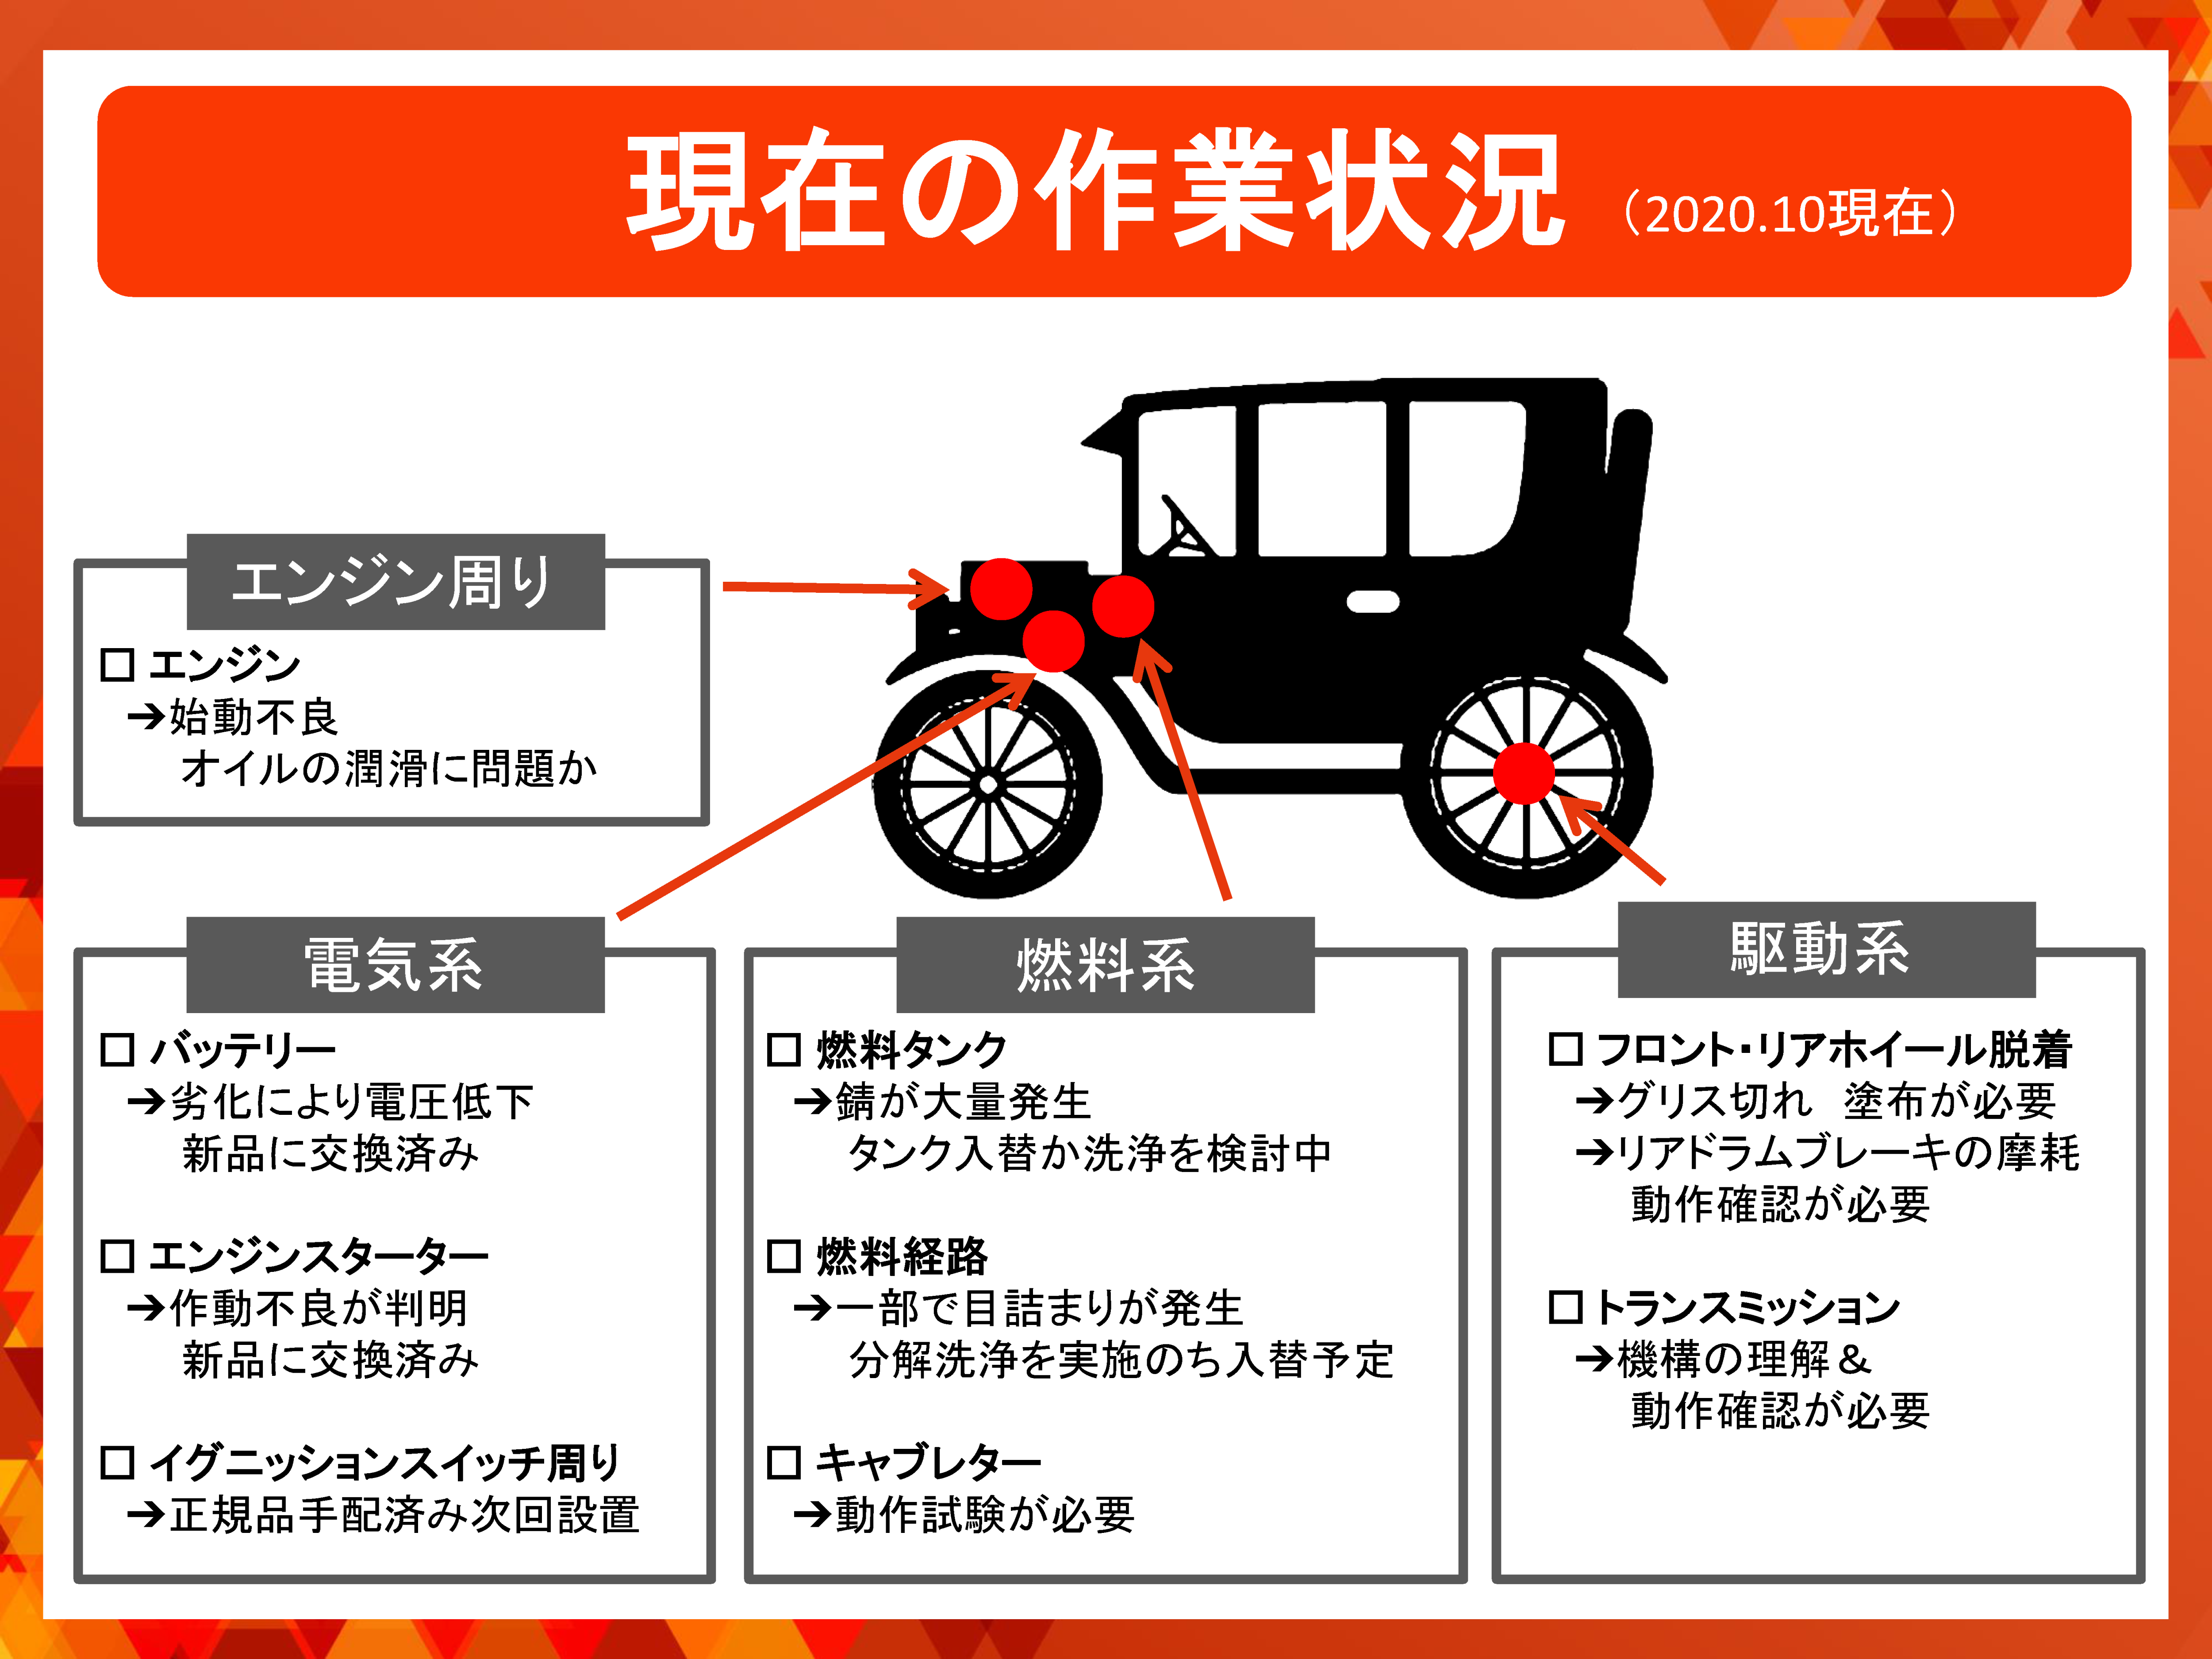 T型フォード再生プロジェクト